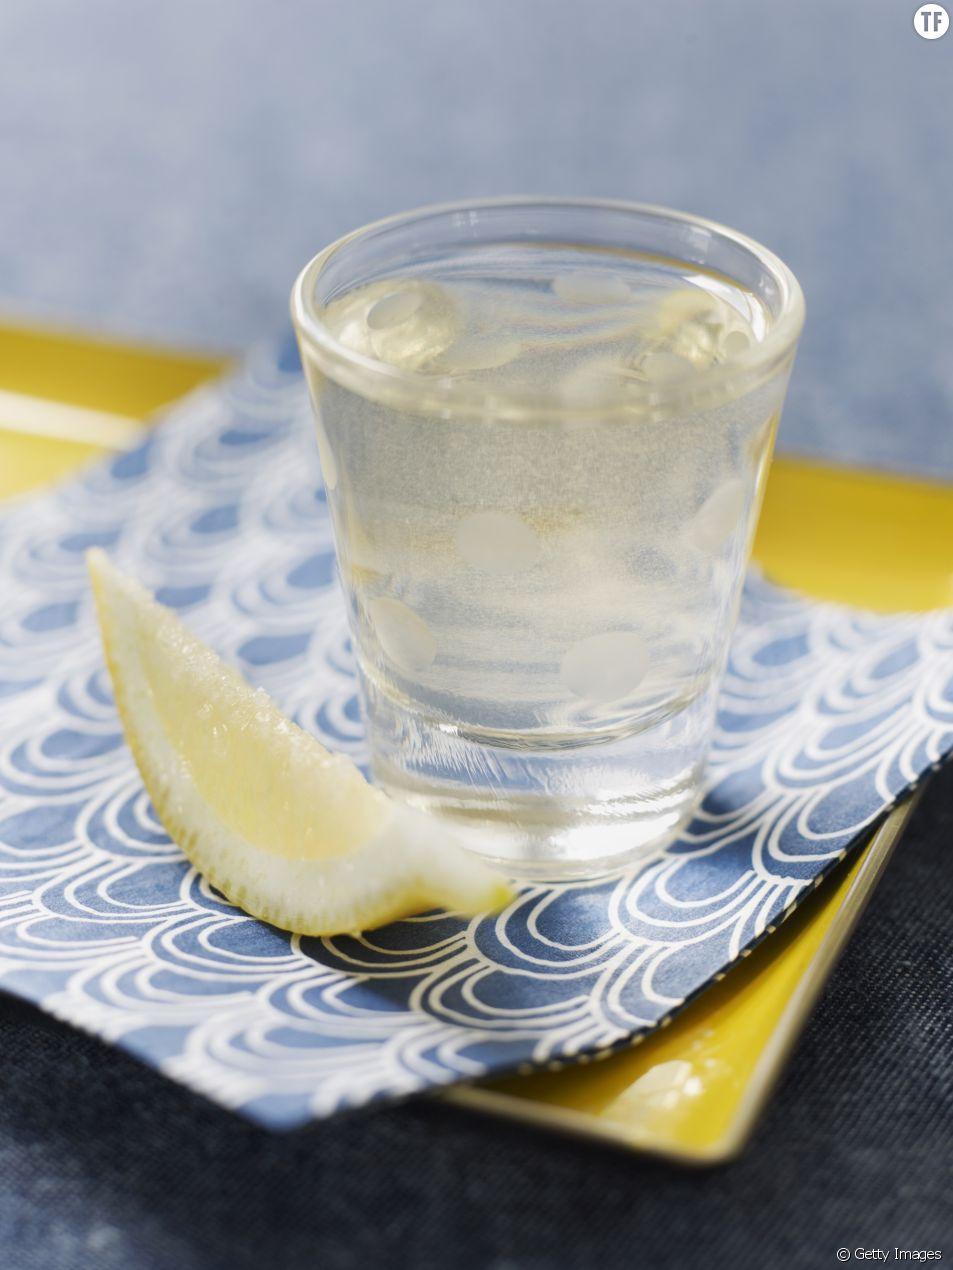 Le shot au citron, au gingembre et au safran : une recette miracle pour rendre vos matins plus faciles